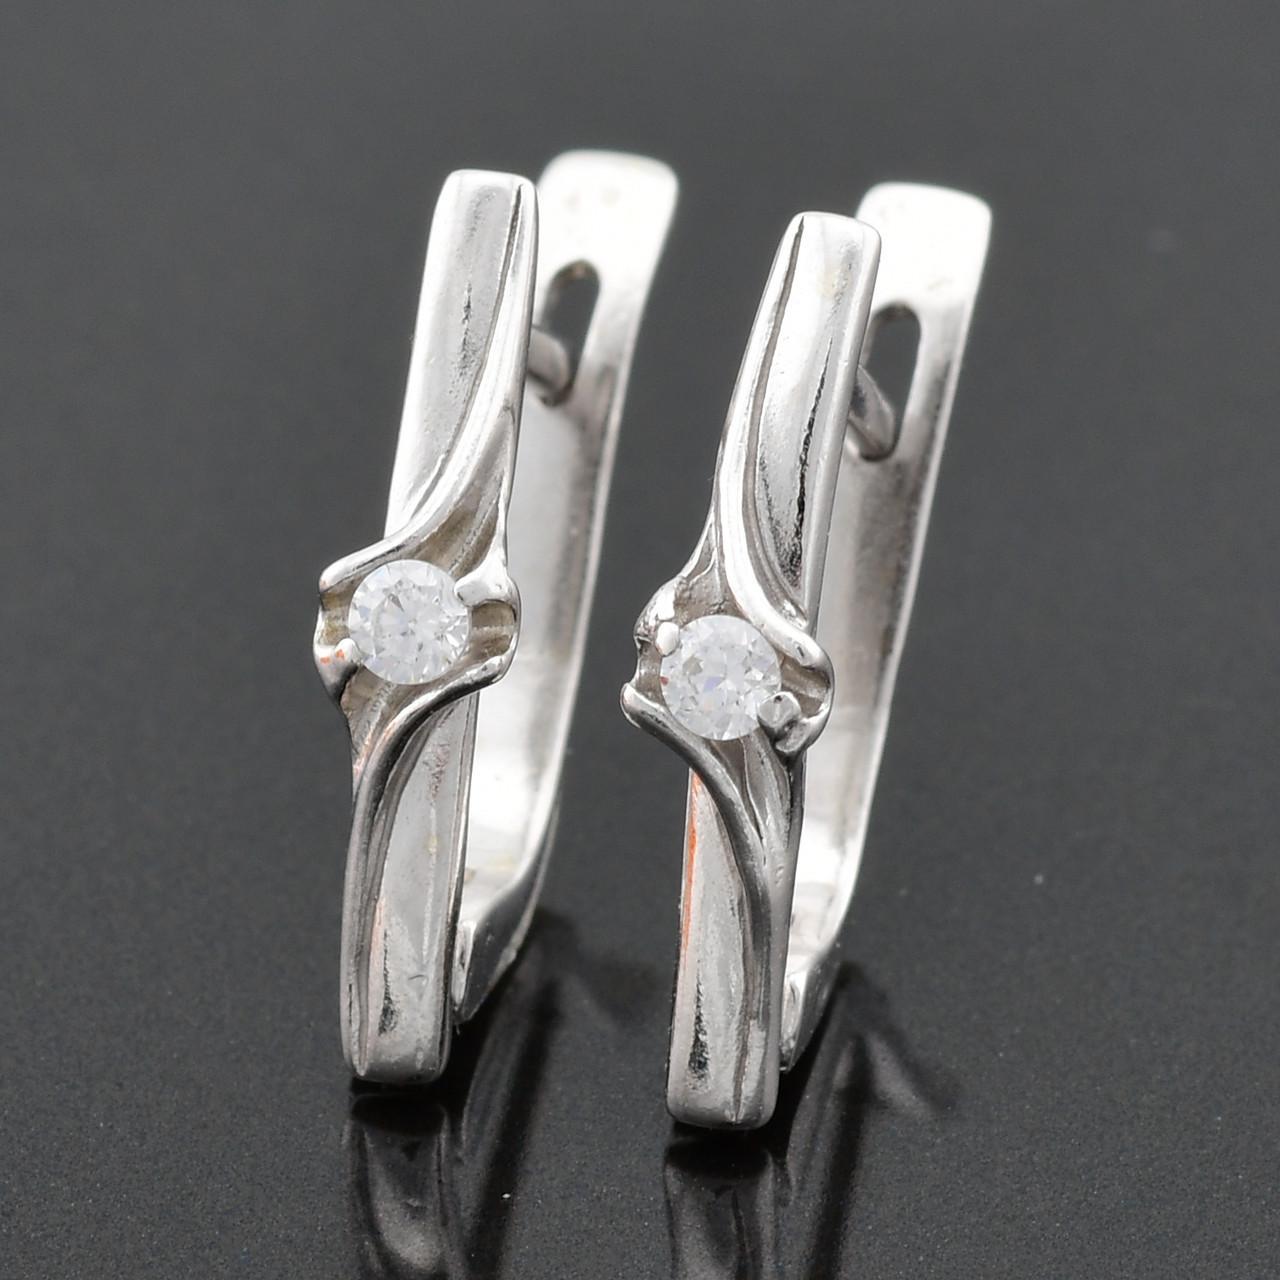 Серебряные серьги Бьюти размер 17х4 мм вставка белые фианиты вес 2.15 г